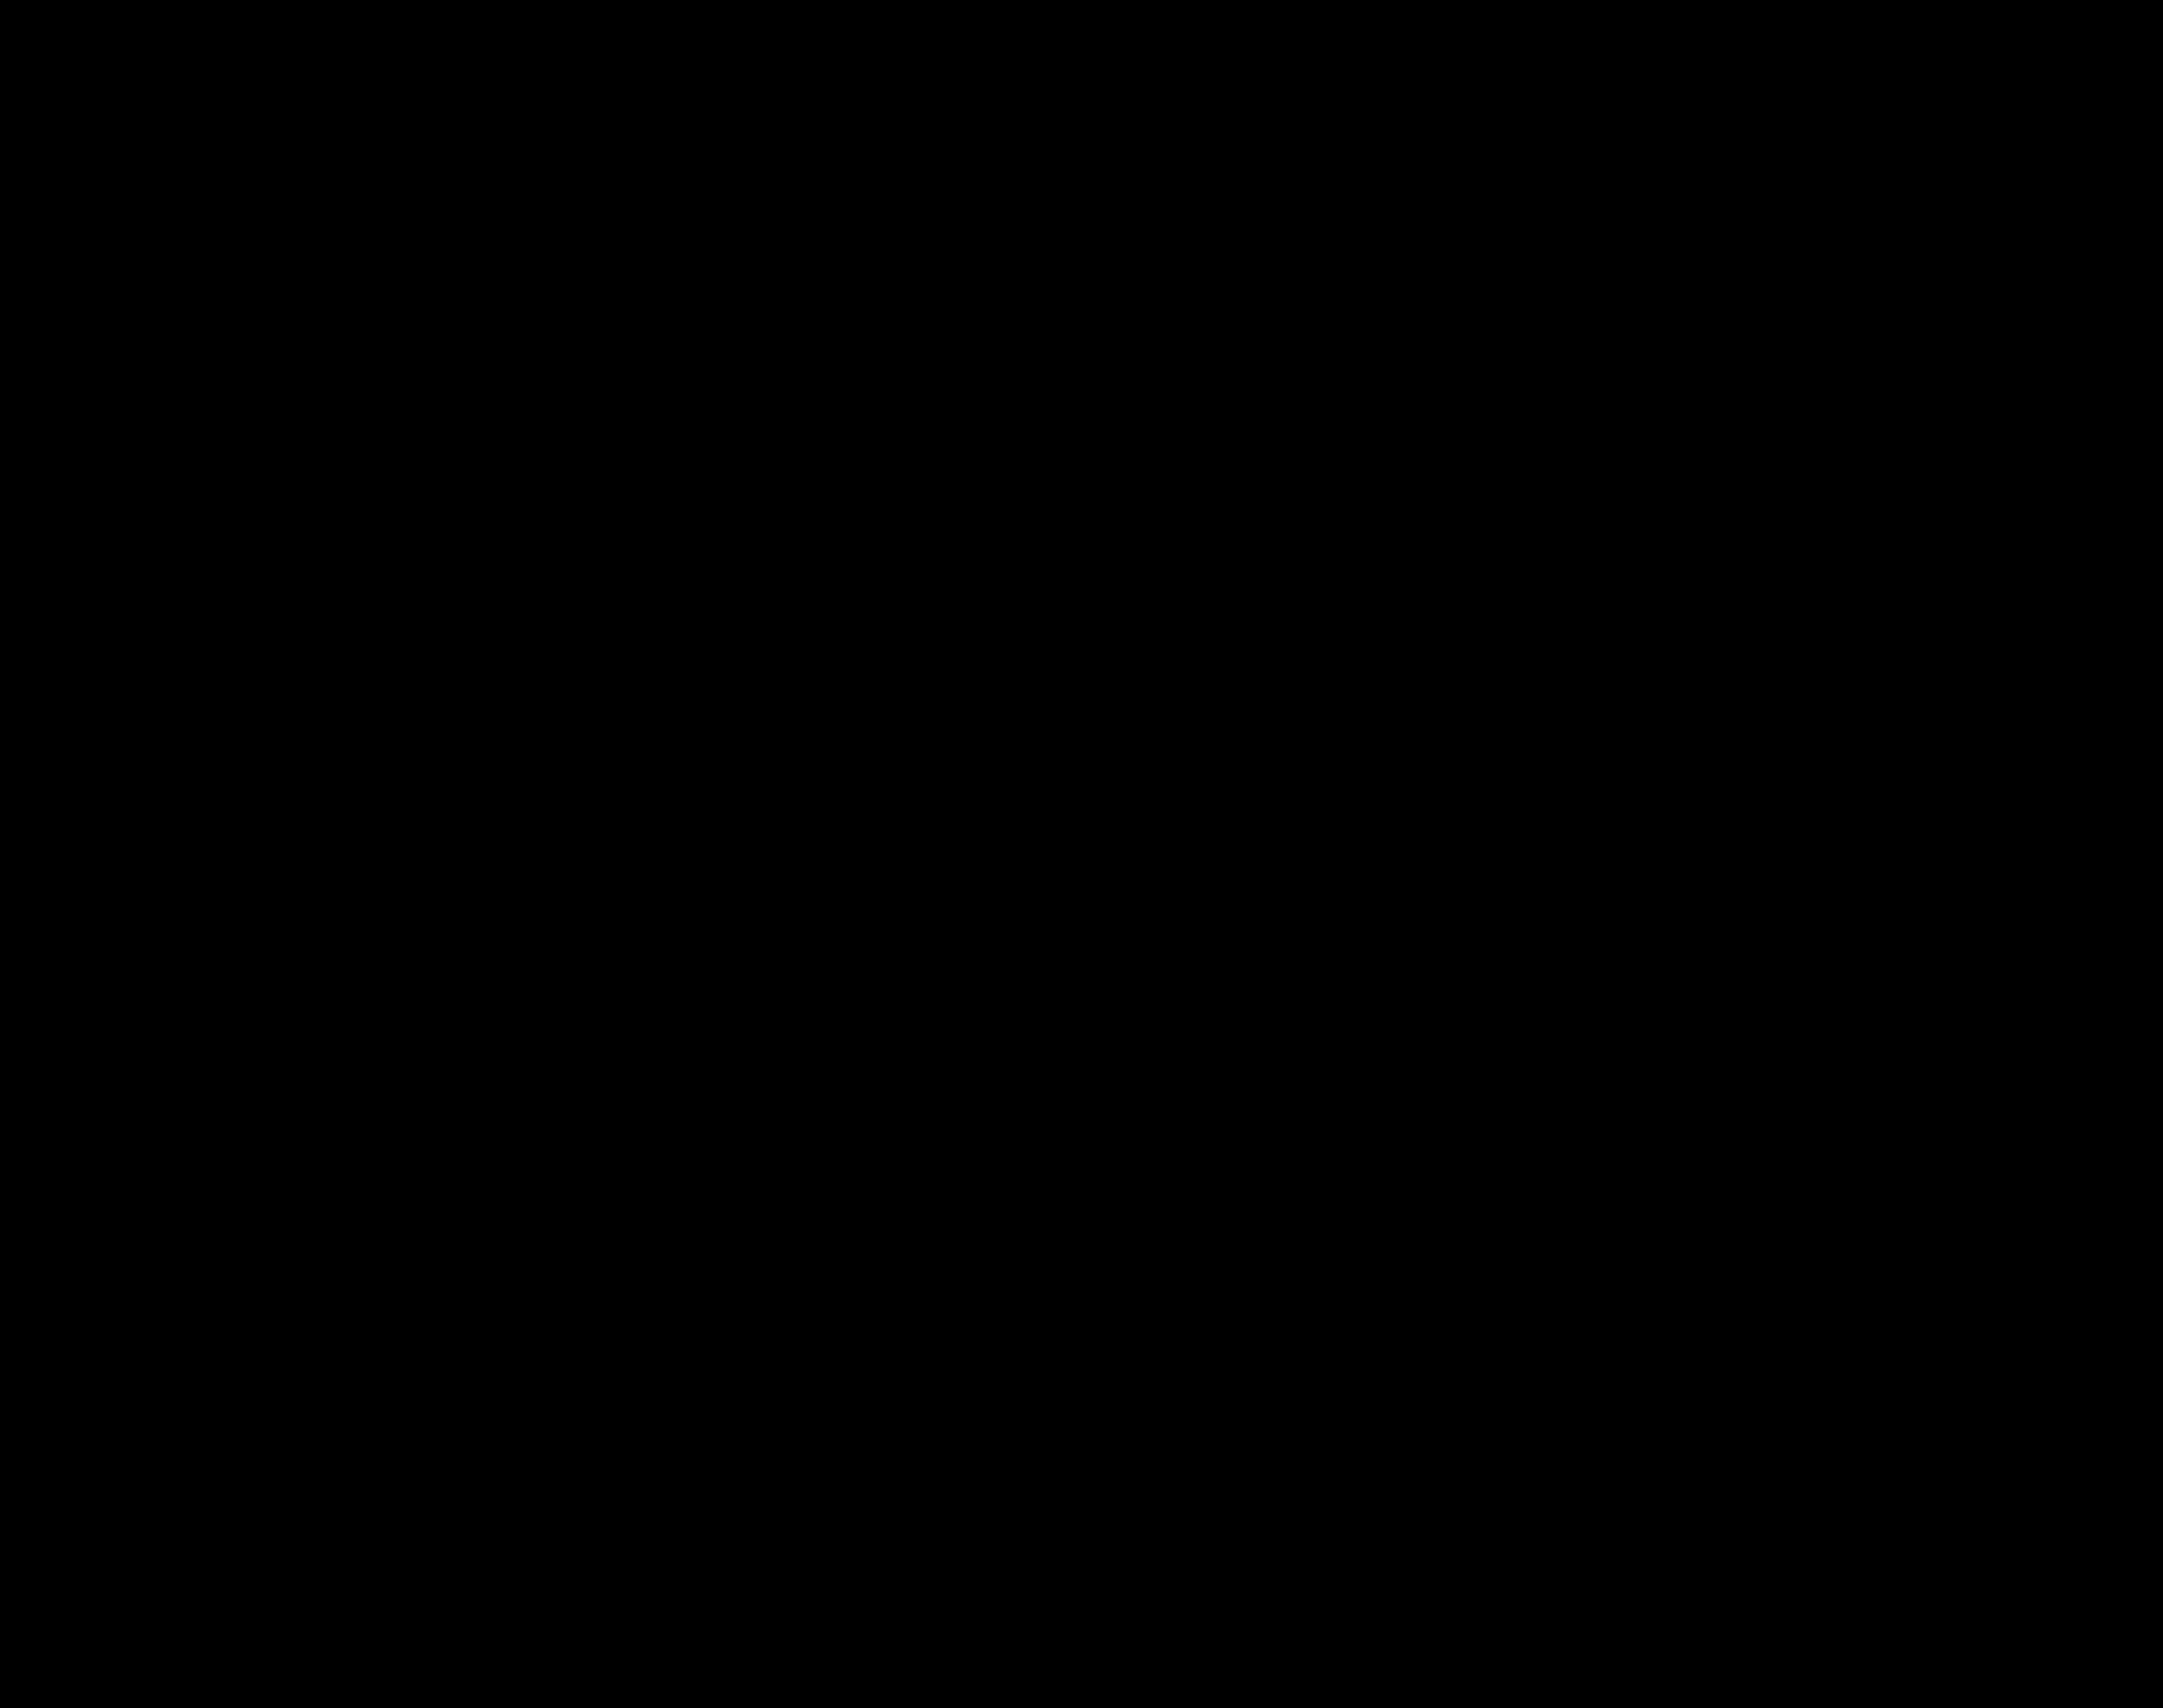 Barque - Wikipedia